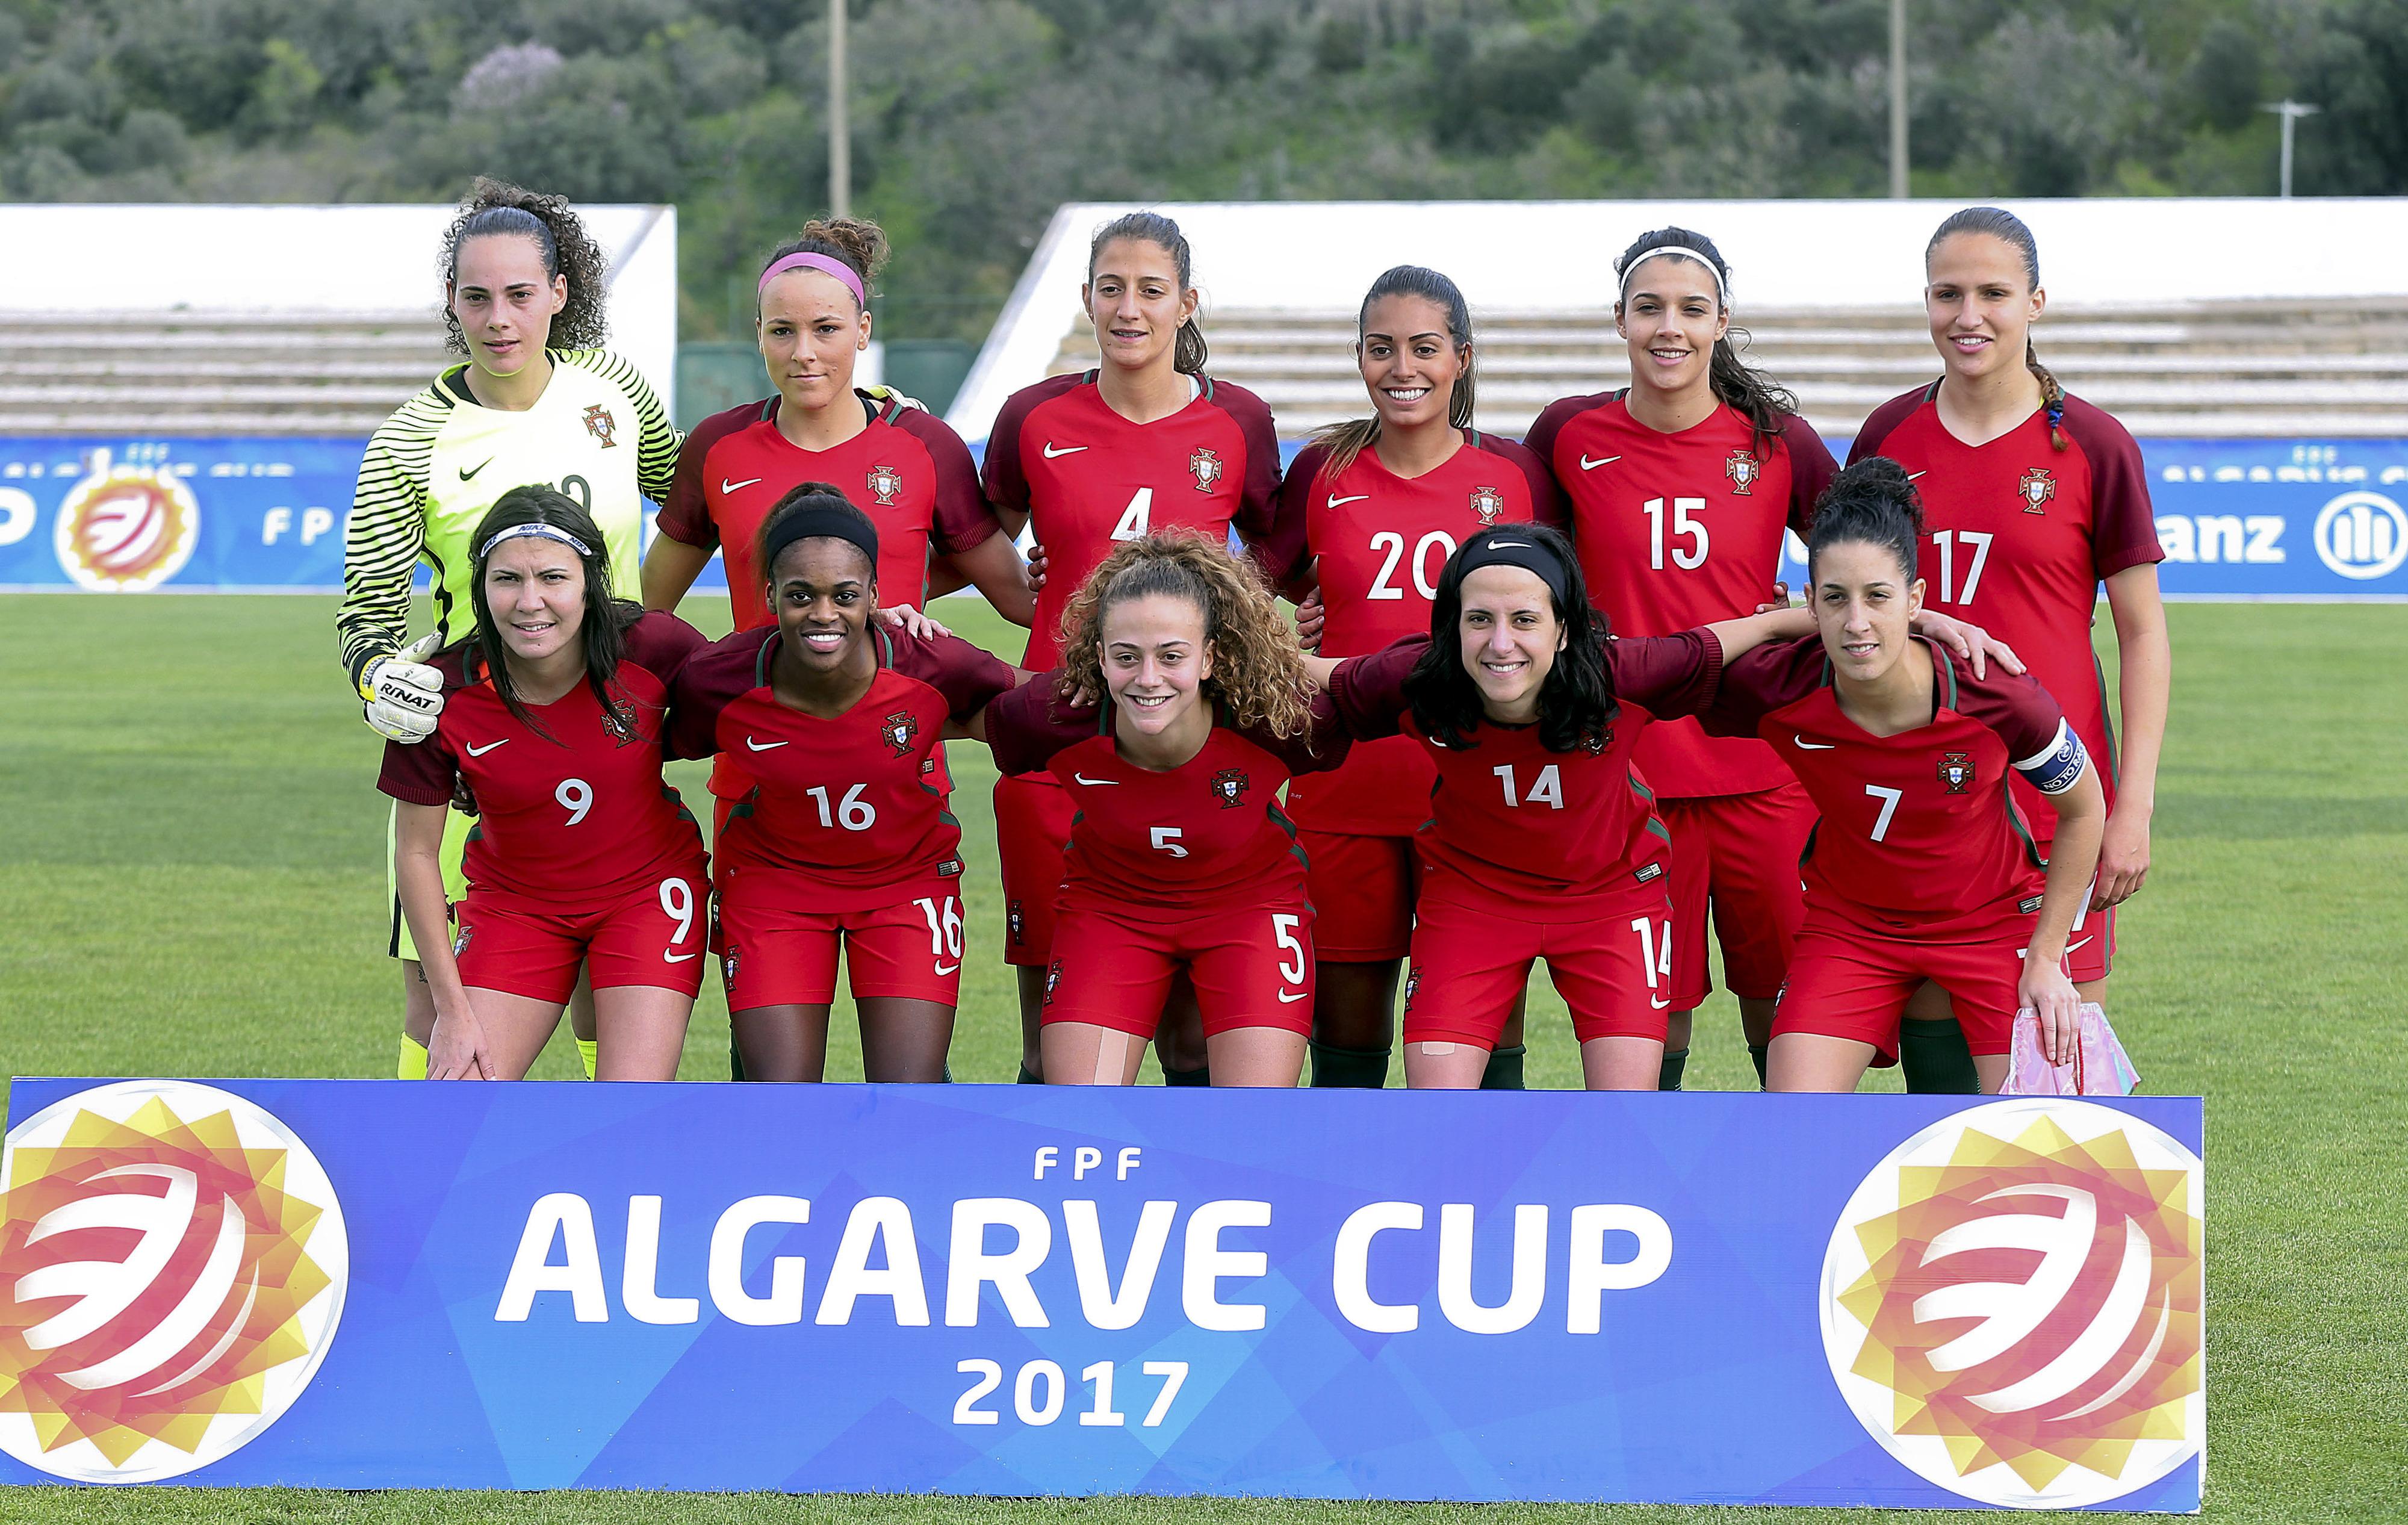 Portugal mantém 38.º lugar no 'ranking' de futebol feminino, liderado pela Alemanha